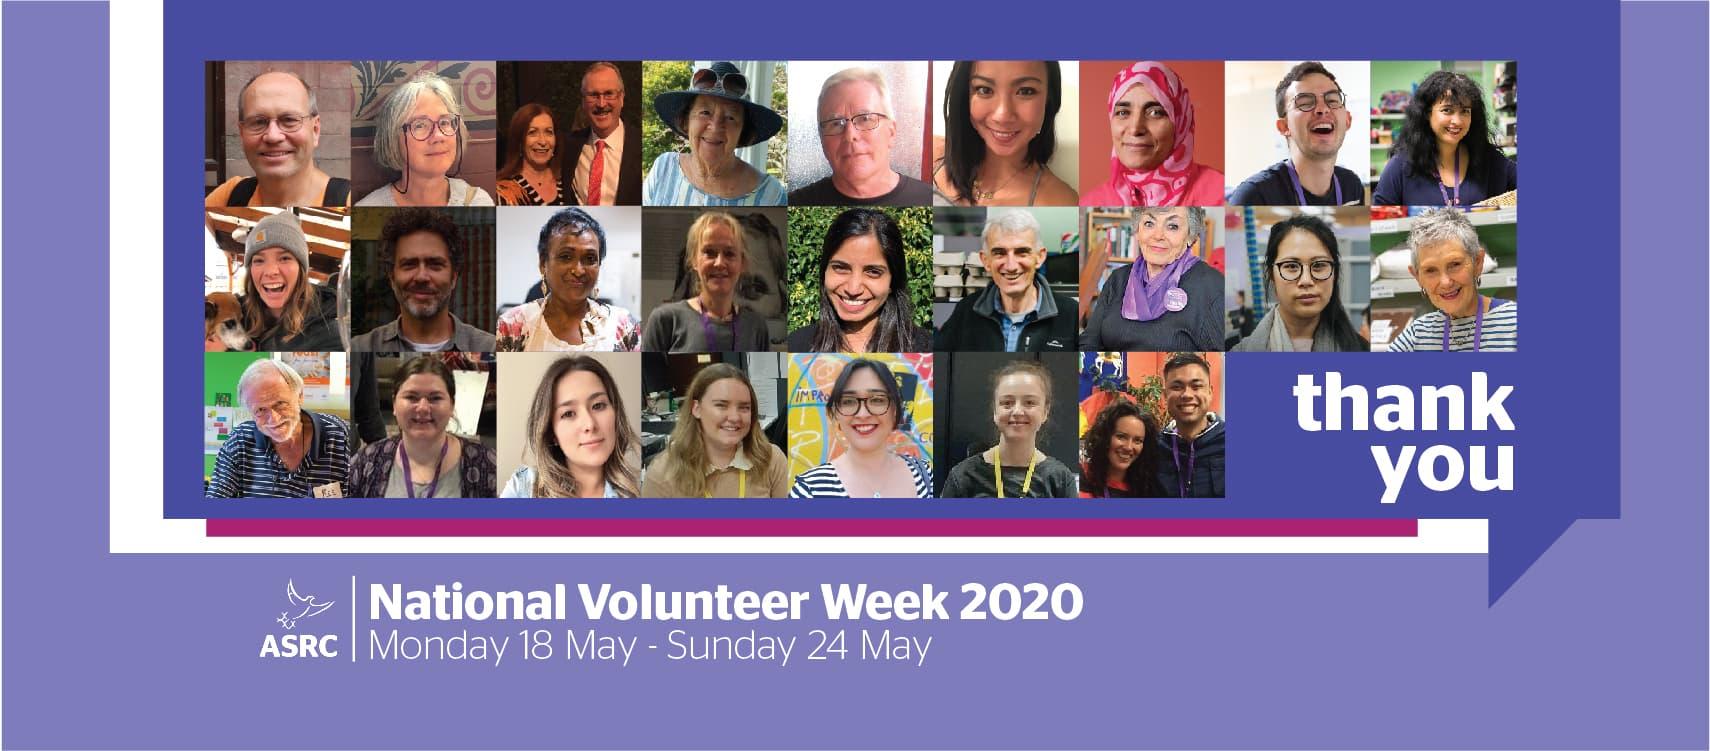 Volunteers are the lifeblood of the ASRC – Celebrating National Volunteer Week 2020